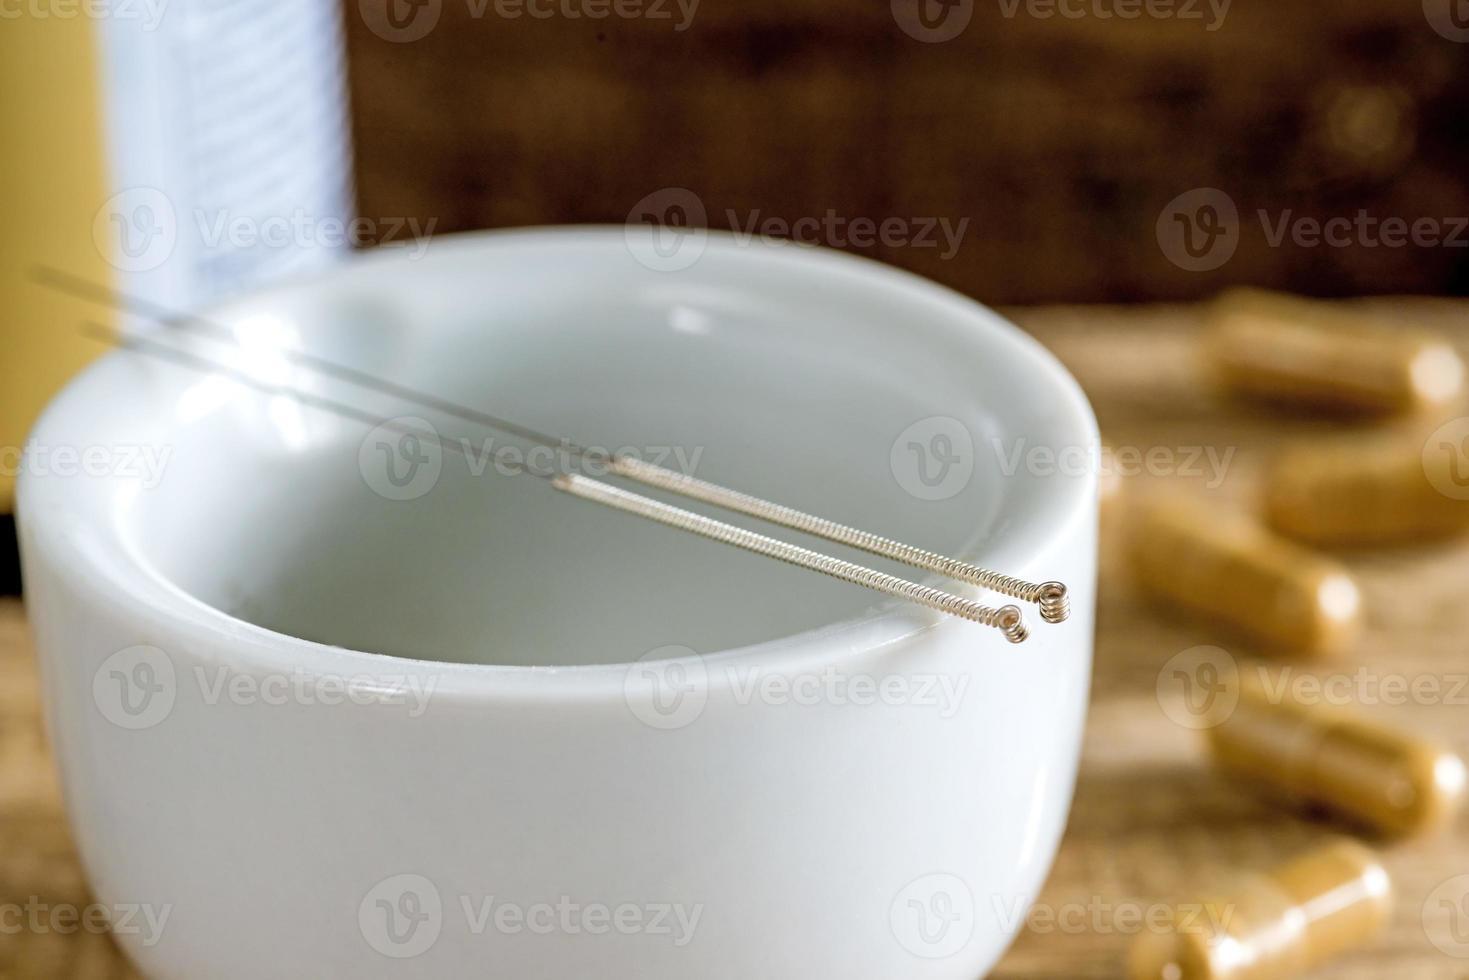 agujas de acupuntura con mortero y pastillas herbales chinas foto